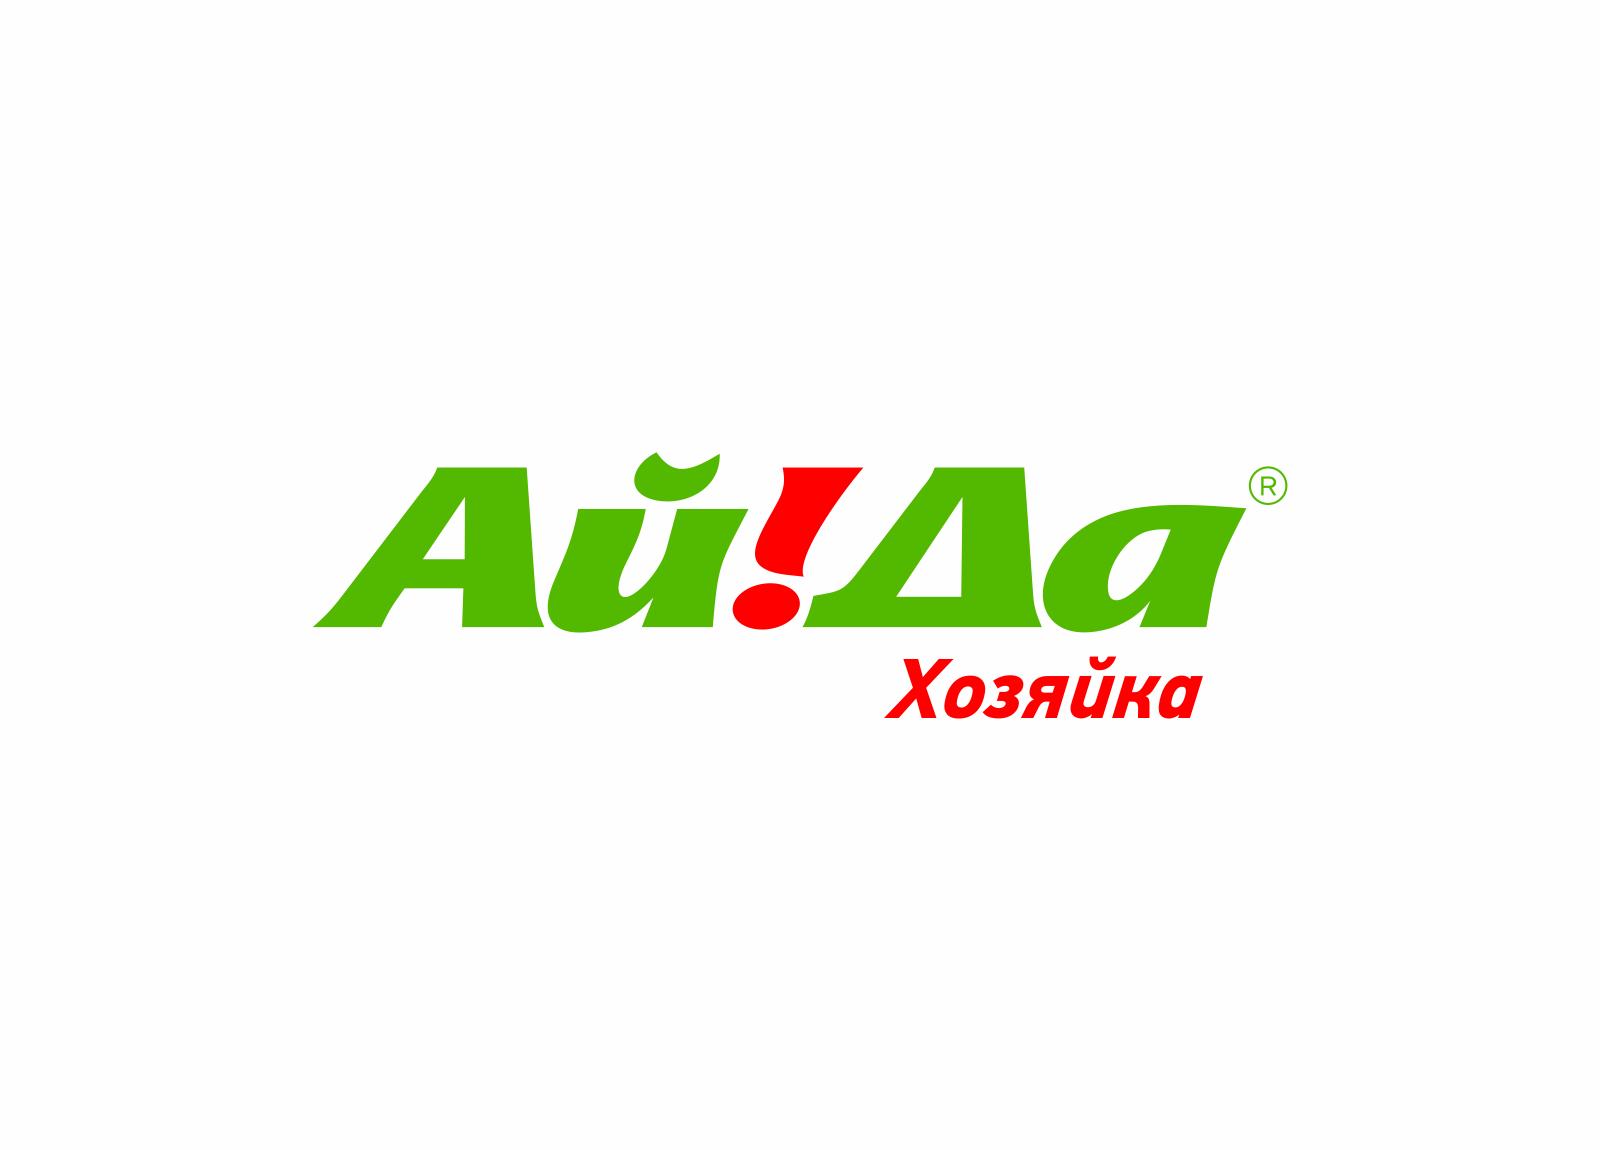 Дизайн логотипа и упаковки СТМ фото f_3165c57b7590214e.png